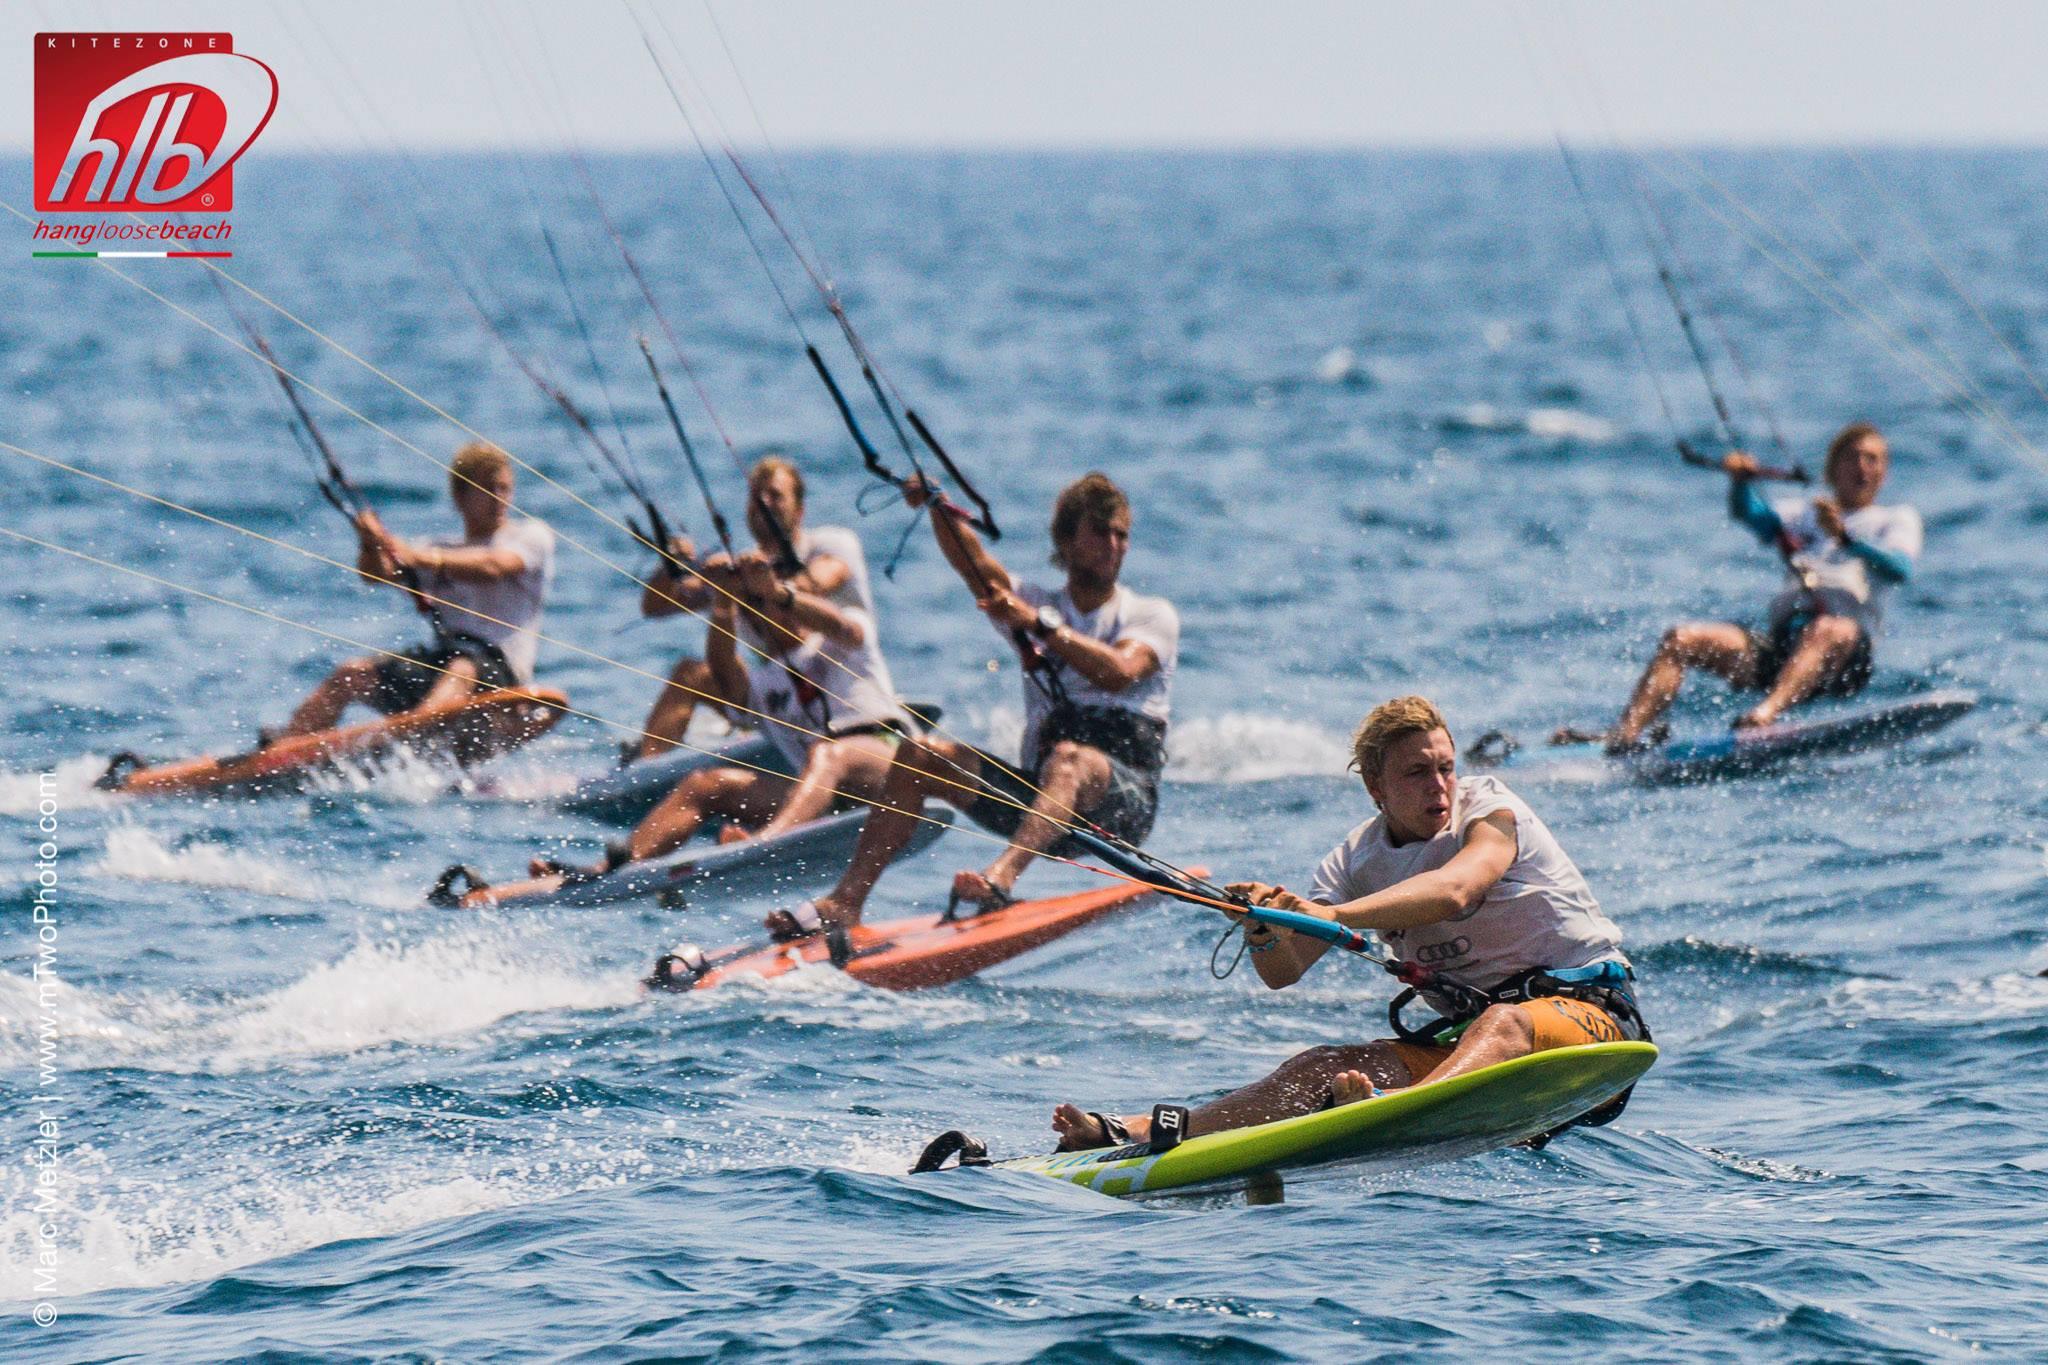 Mondiale di kitesurf vincono Elena Kalinina e Maxime Nochere (2)